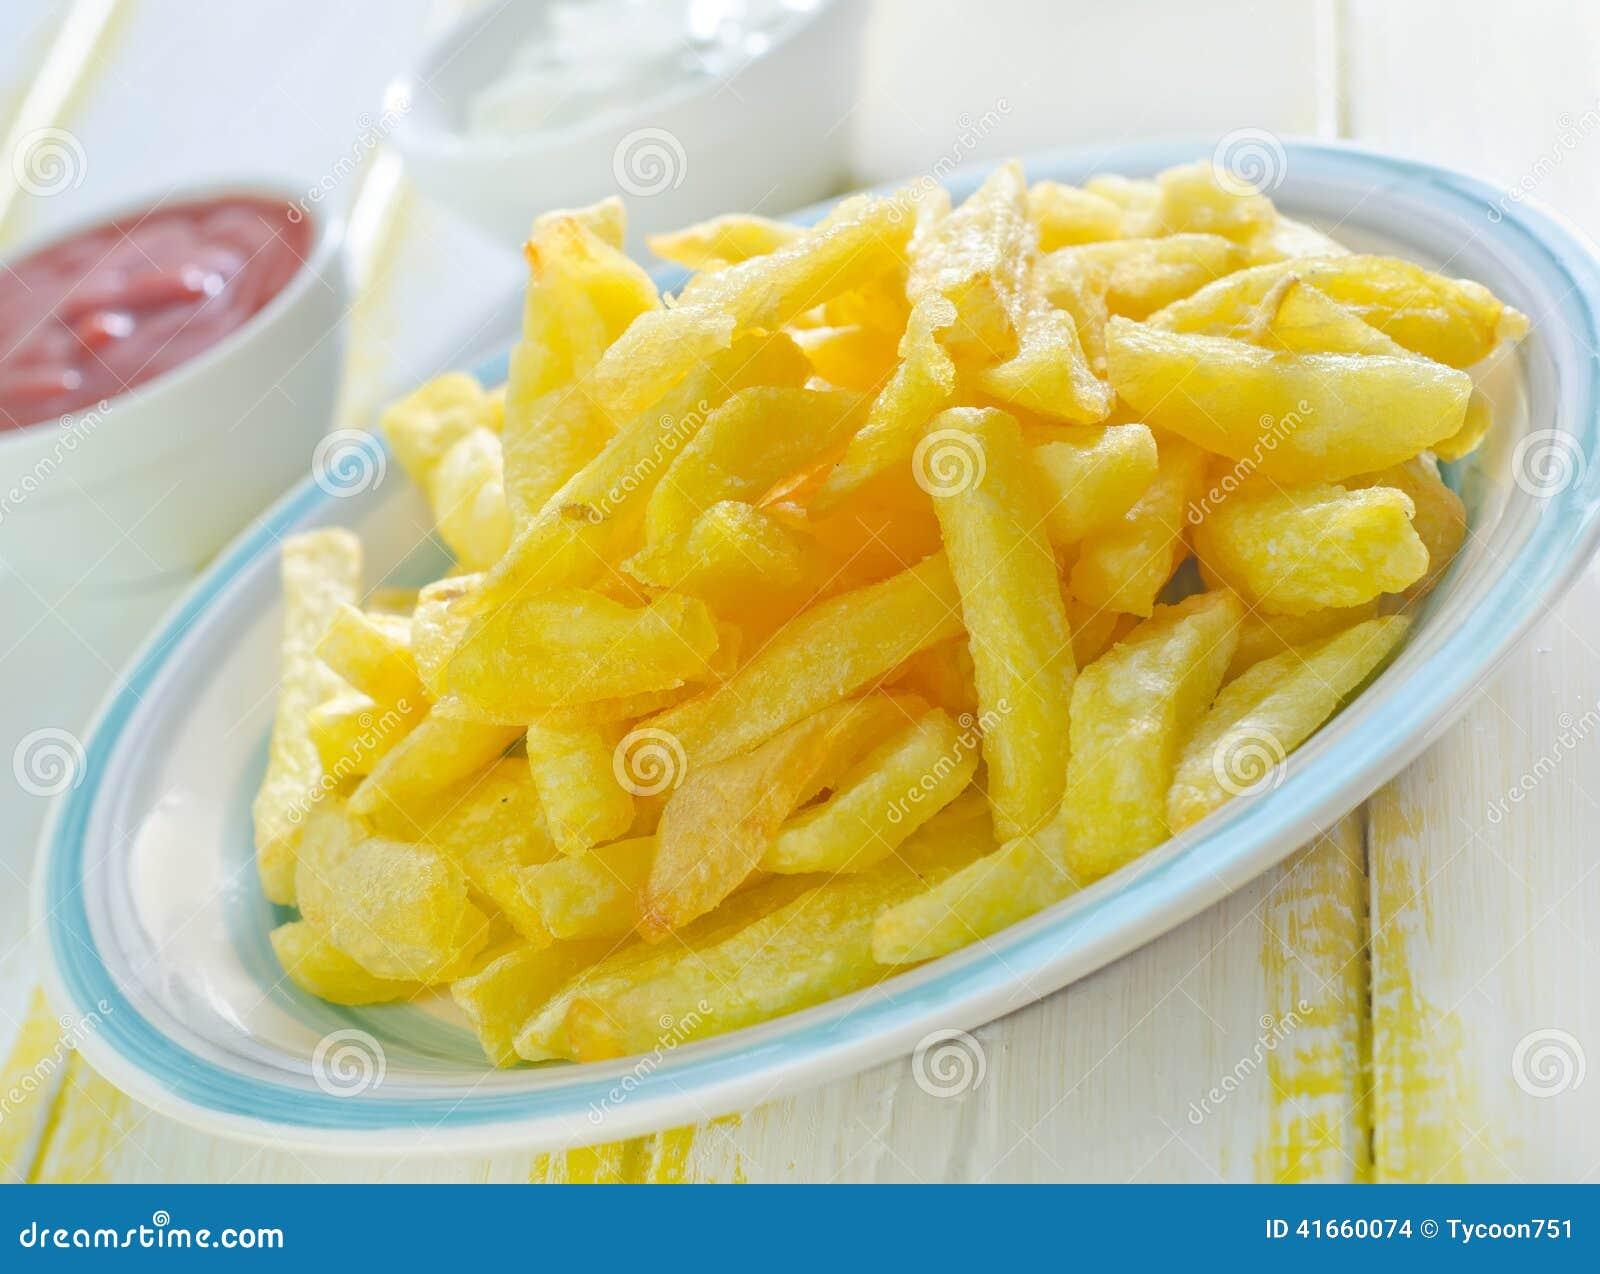 зажаренная картошка